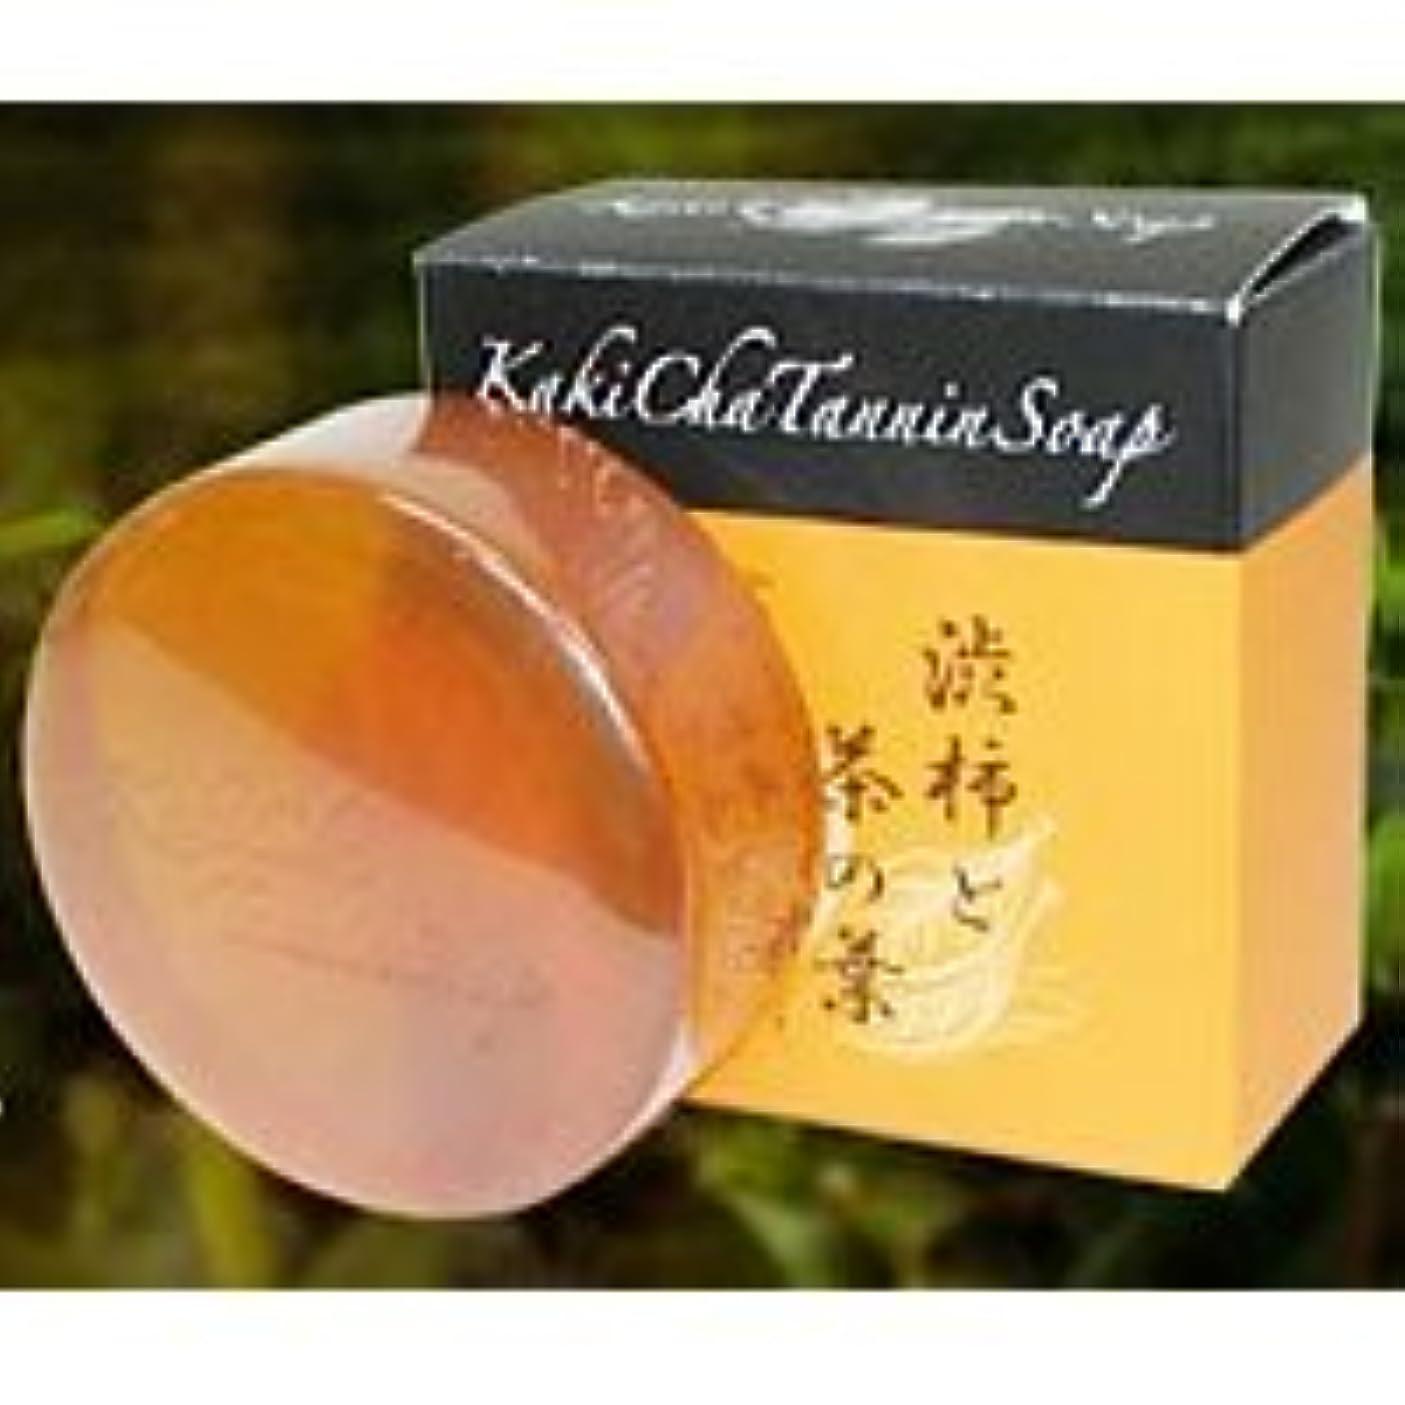 有効遠えクラウドカキチャタンニンソープ 安心の日本製 カキチャタンニンソープ (マイルドクリアソープ) カキチャ タンニンソープ 柿渋ソープ